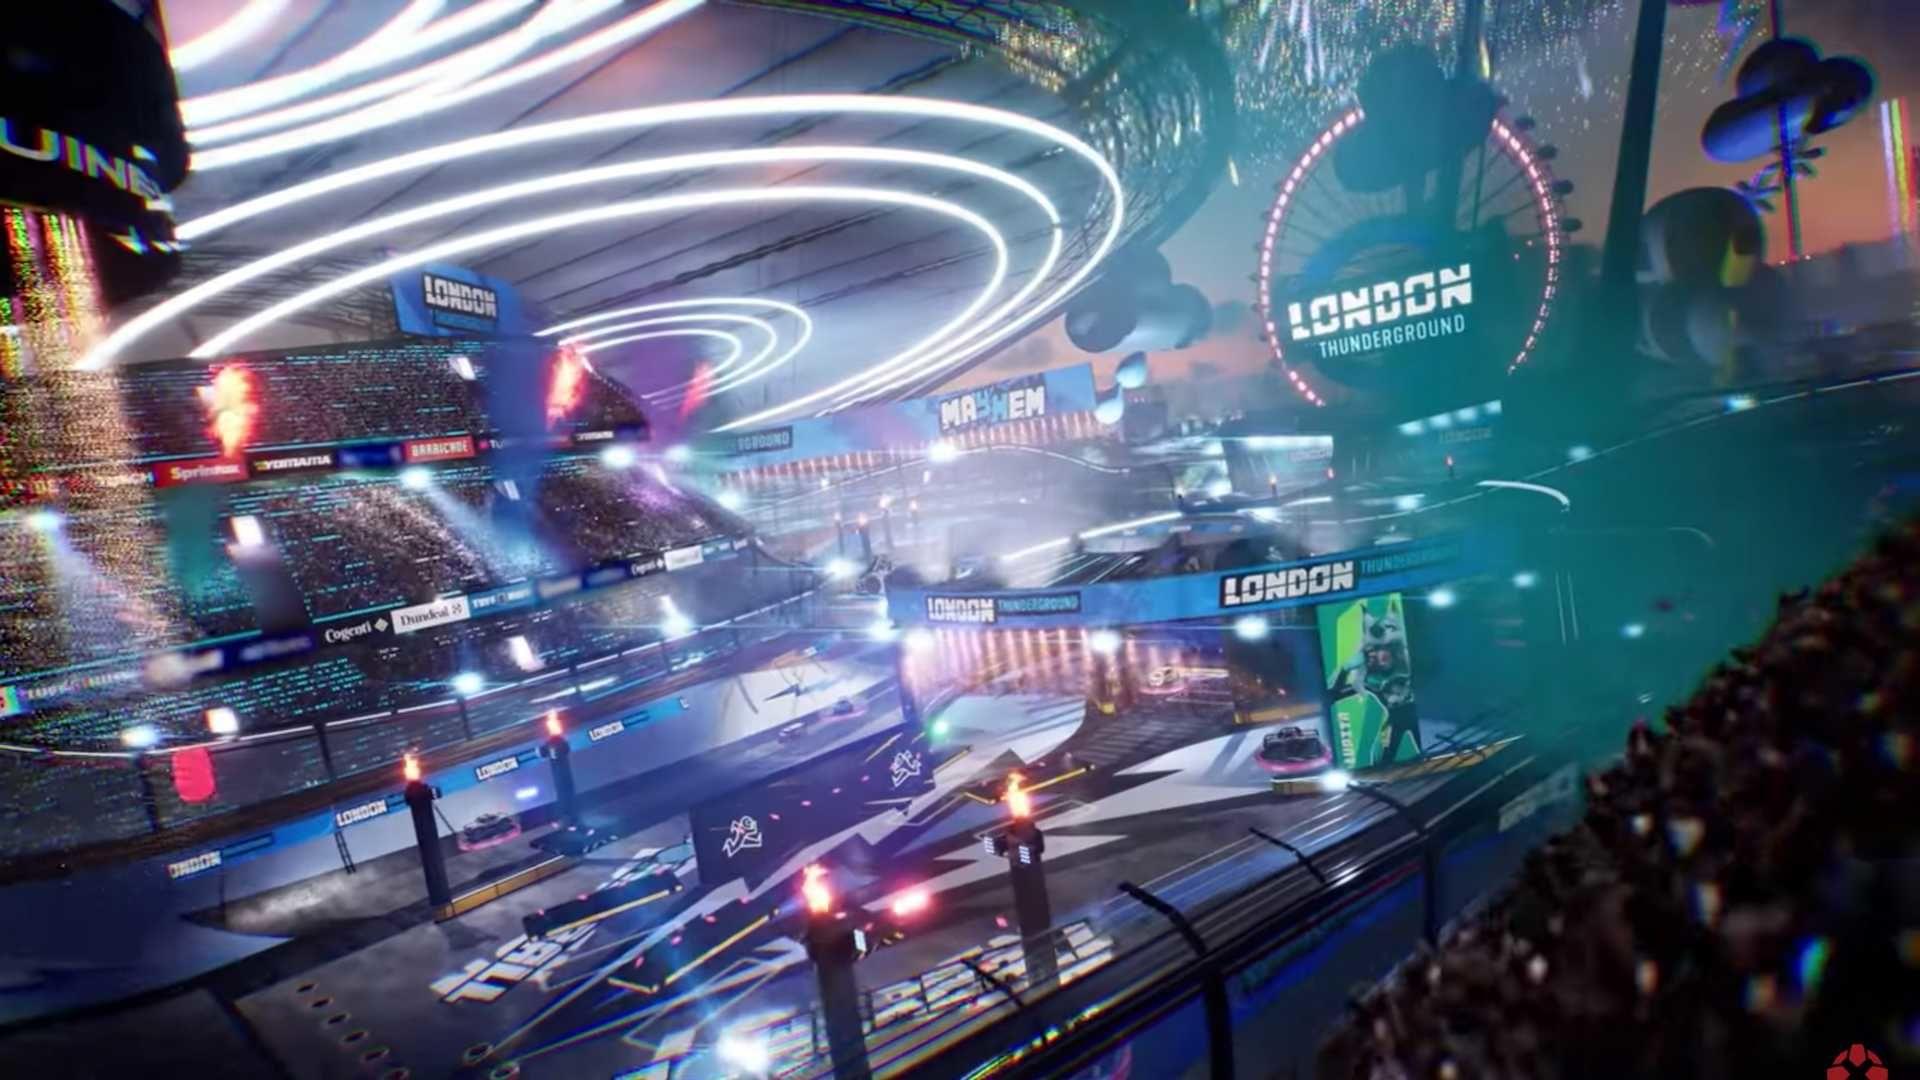 Destruction AllStars, savaş alanına renkli bir görünüm getiriyor